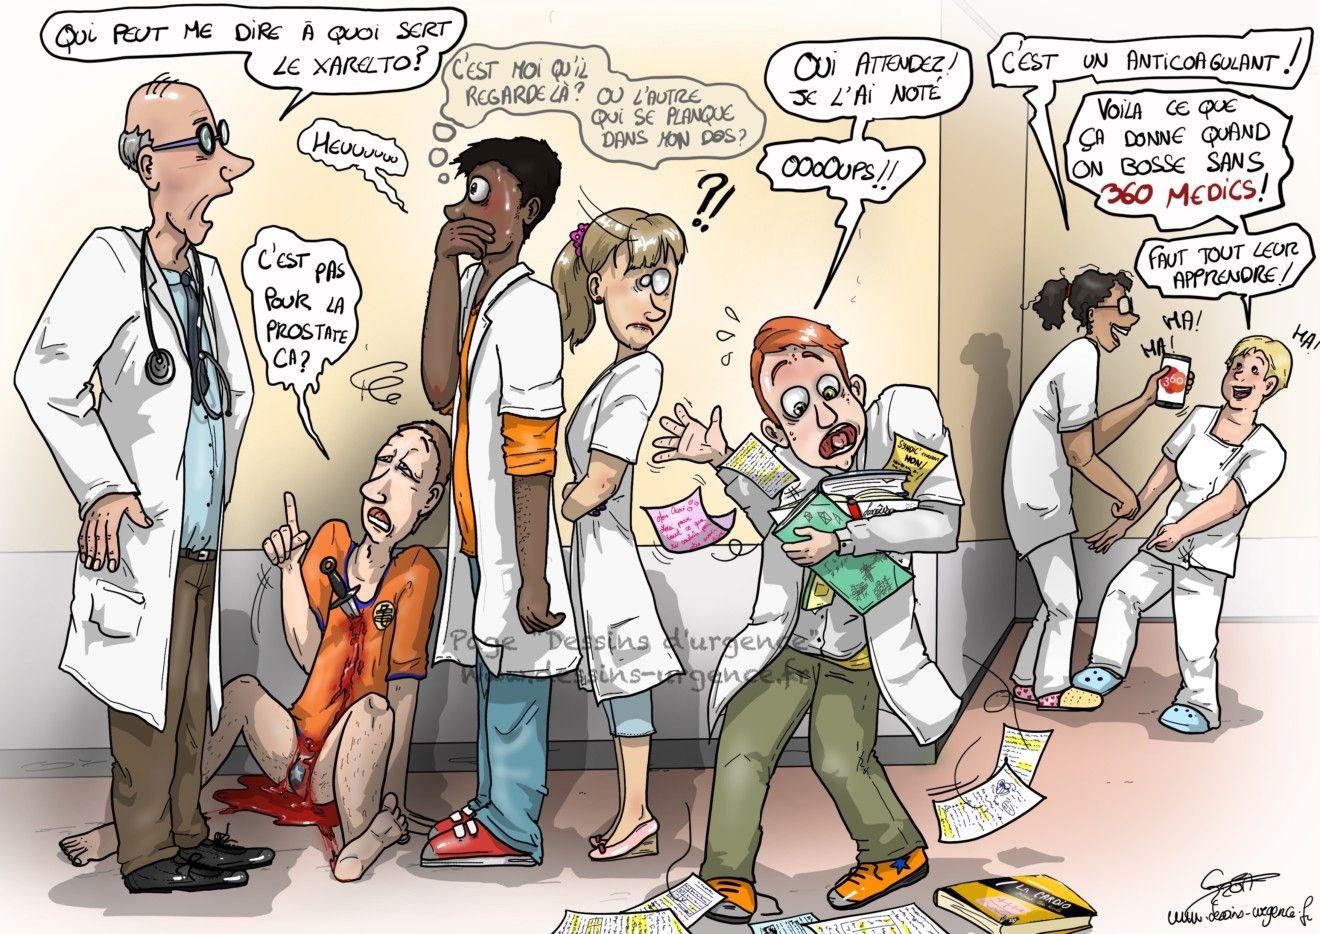 360 Medics X Dessin D Urgence Pour Eviter Ce Genre De Situation En Stage A L Hopital Clique Sur L Imag Blague Infirmiere Humour Infirmiere Infirmiere Humour